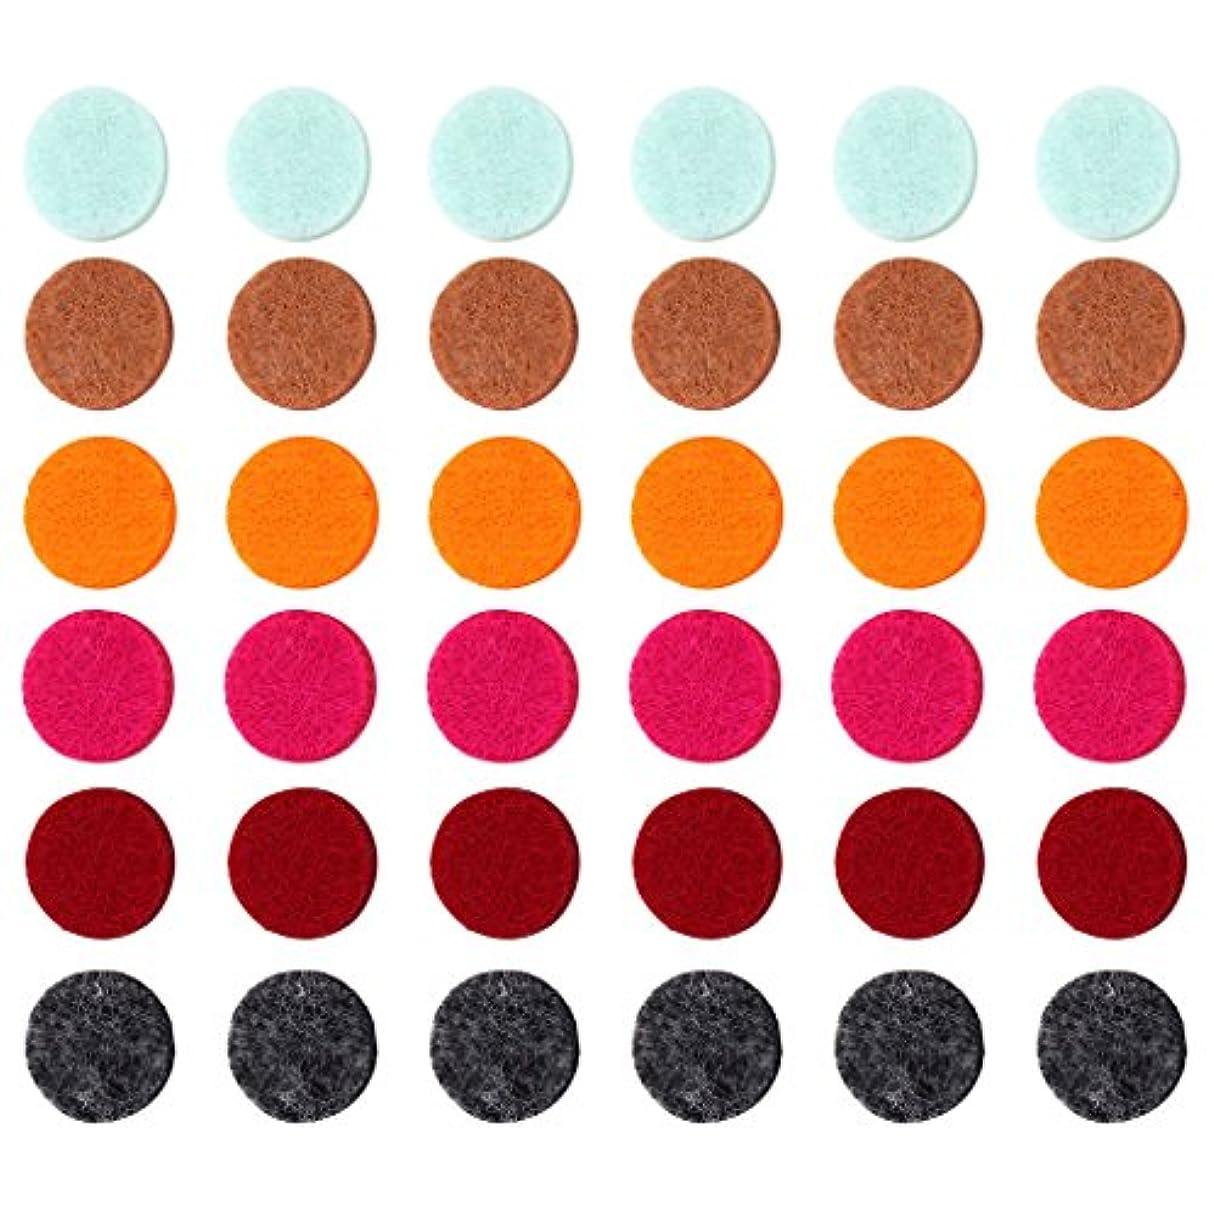 家庭教師絶望滑り台ZYsta 36個Refill Pads for Aromatherapy Essential Oil Diffuserロケットネックレス、交換用パッド: Thickened/洗濯可能/高吸水性のアロマディフューザーペンダント